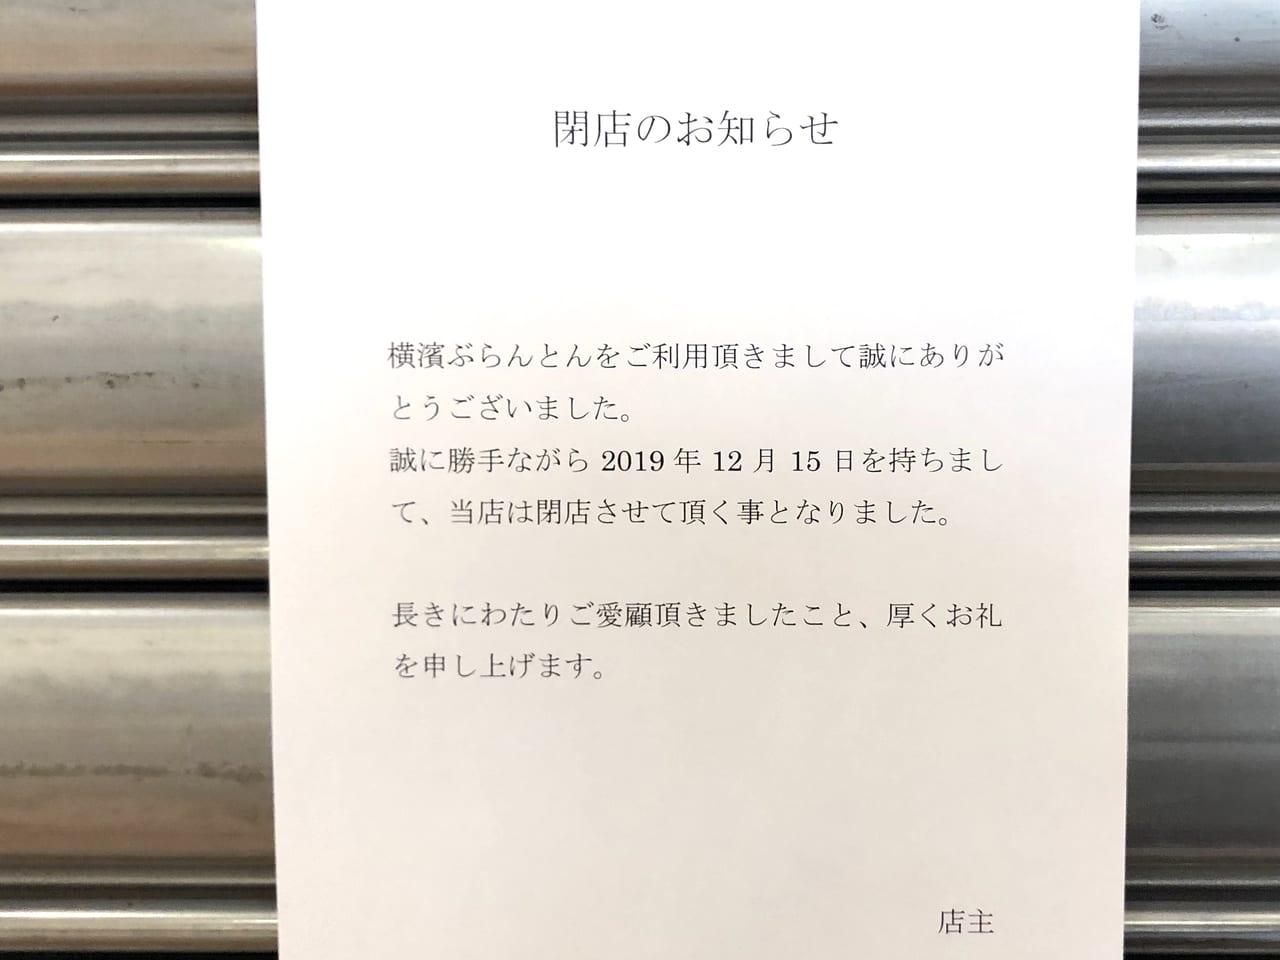 フレスポ小田原シティーモール横濱ぶらんとん閉店